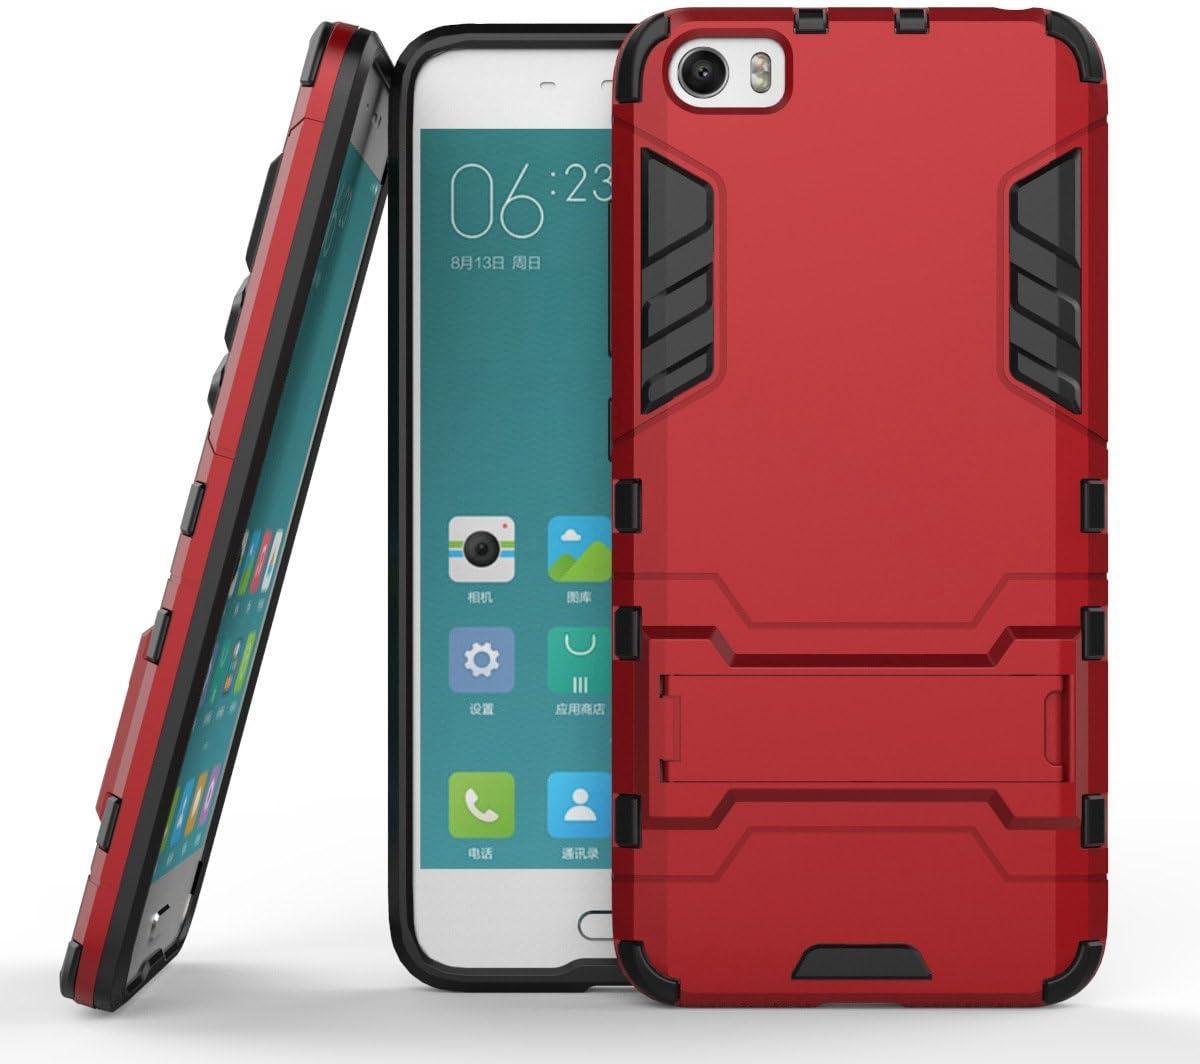 Funda Libro para Xiaomi Mi5 , Ycloud el teléfono Strongest a prueba de golpes armadura doble protección de concha protectora de duro soporte cubierta protectora Vino tinto: Amazon.es: Electrónica